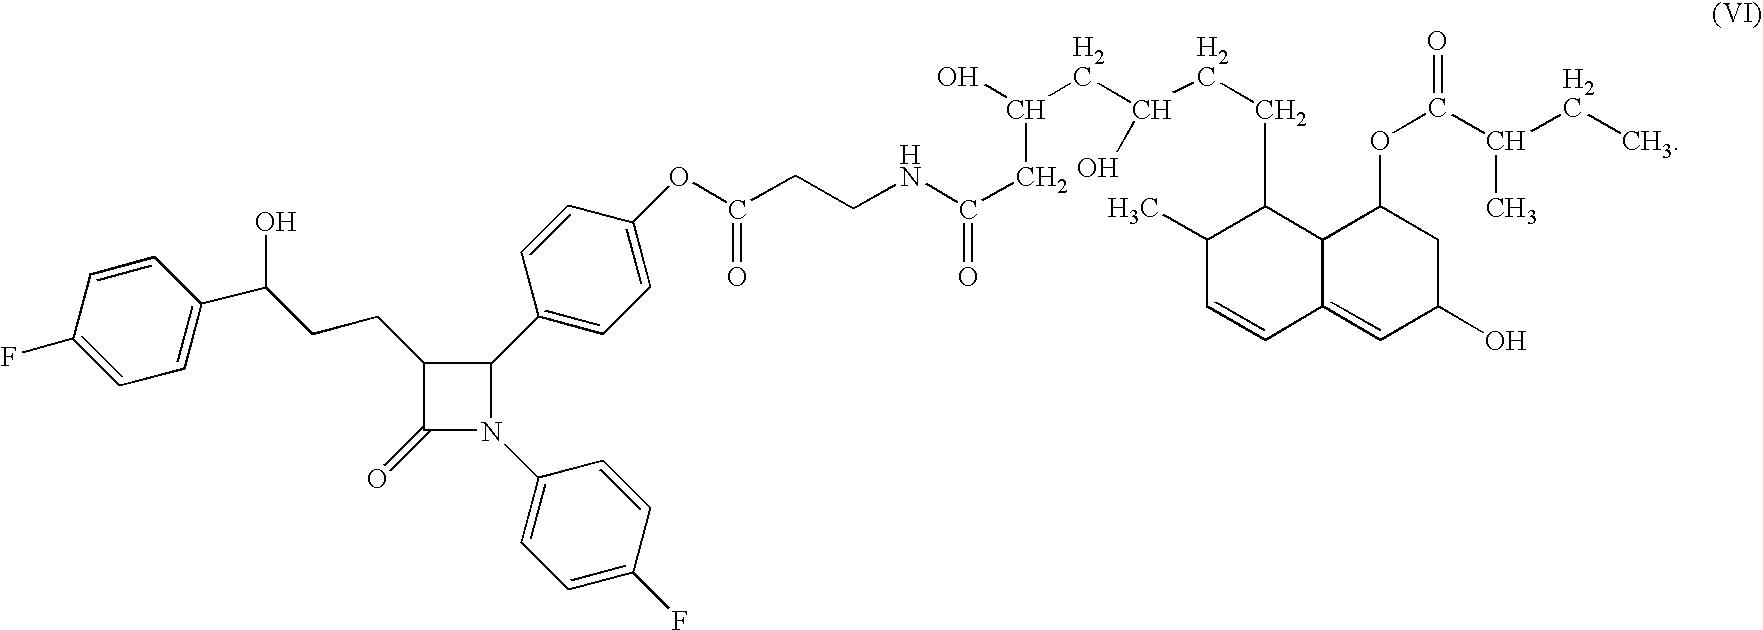 Figure US07741289-20100622-C00019